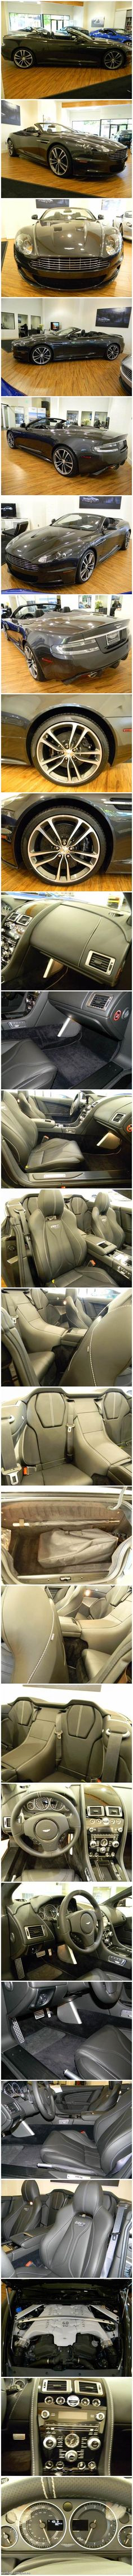 Aston Martin DBS Volante Convertible 2D